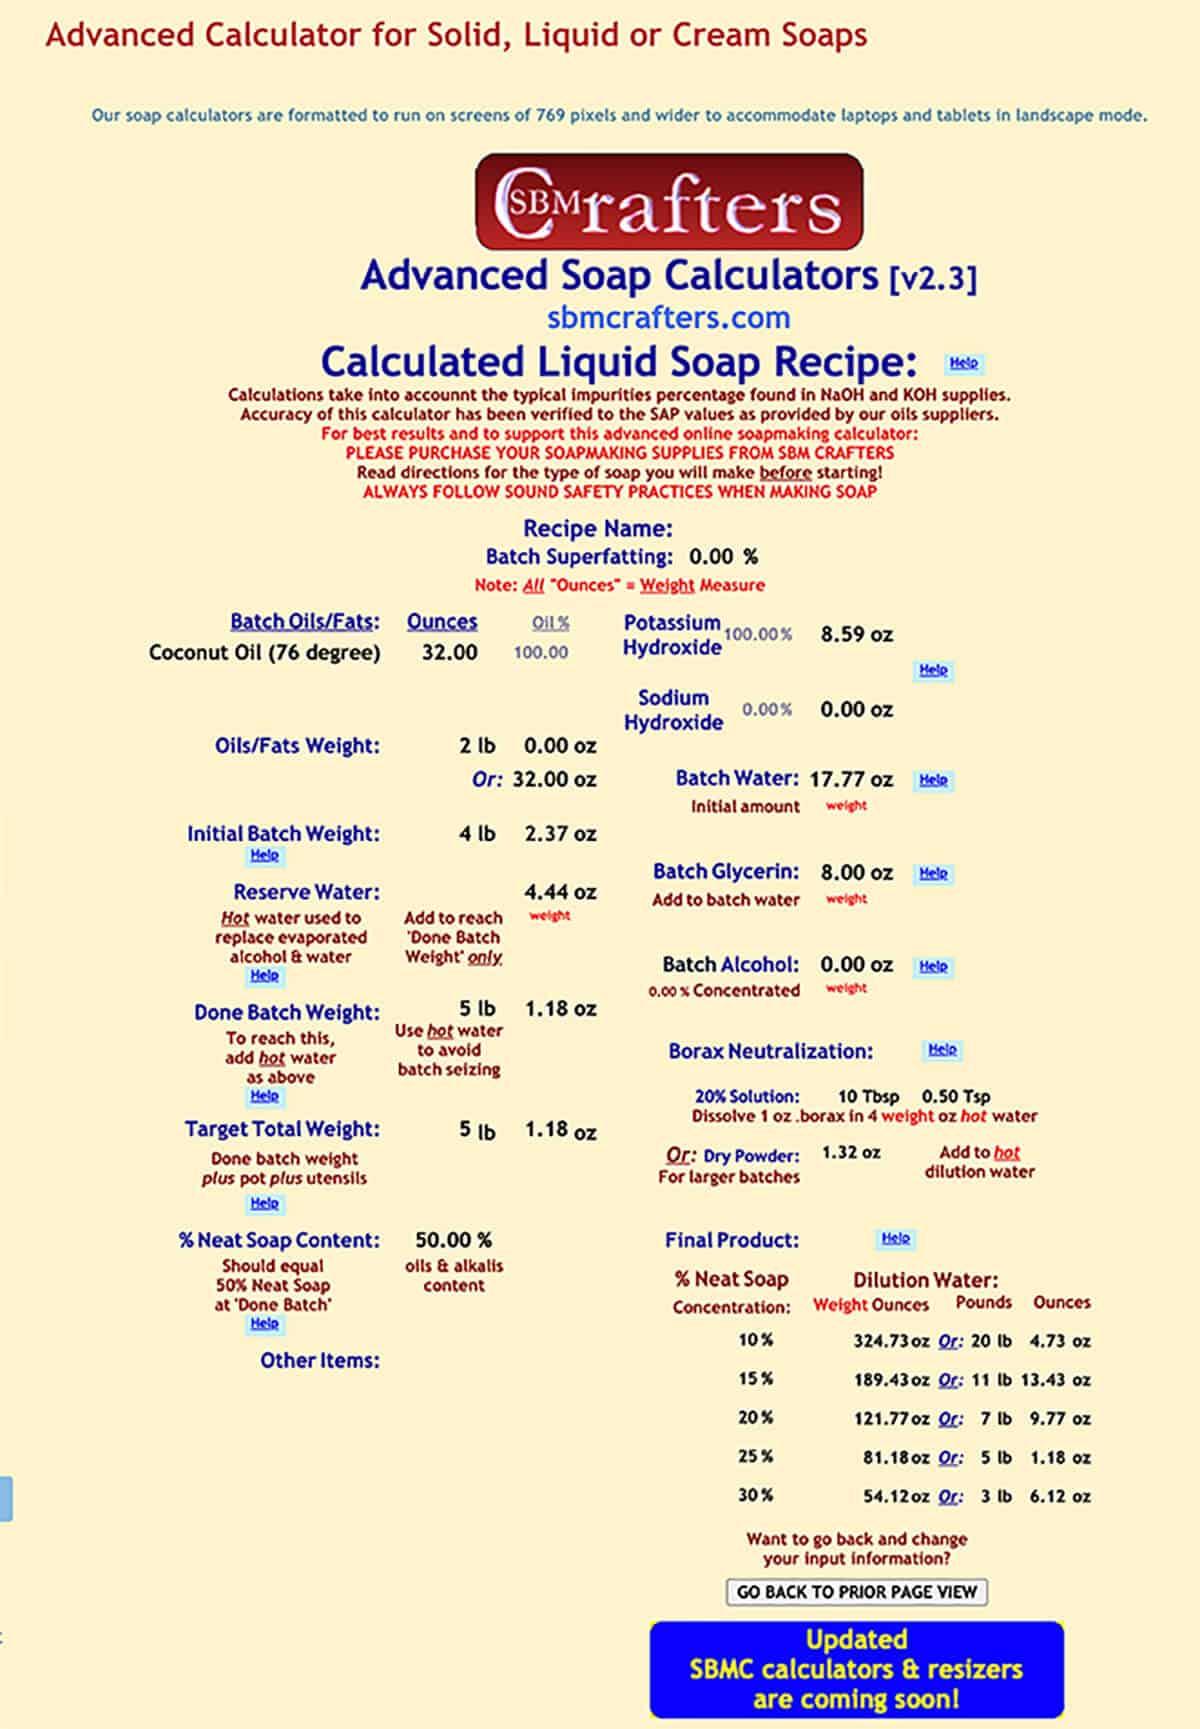 Captura de pantalla de una receta de jabón calculada por SBM Crafters